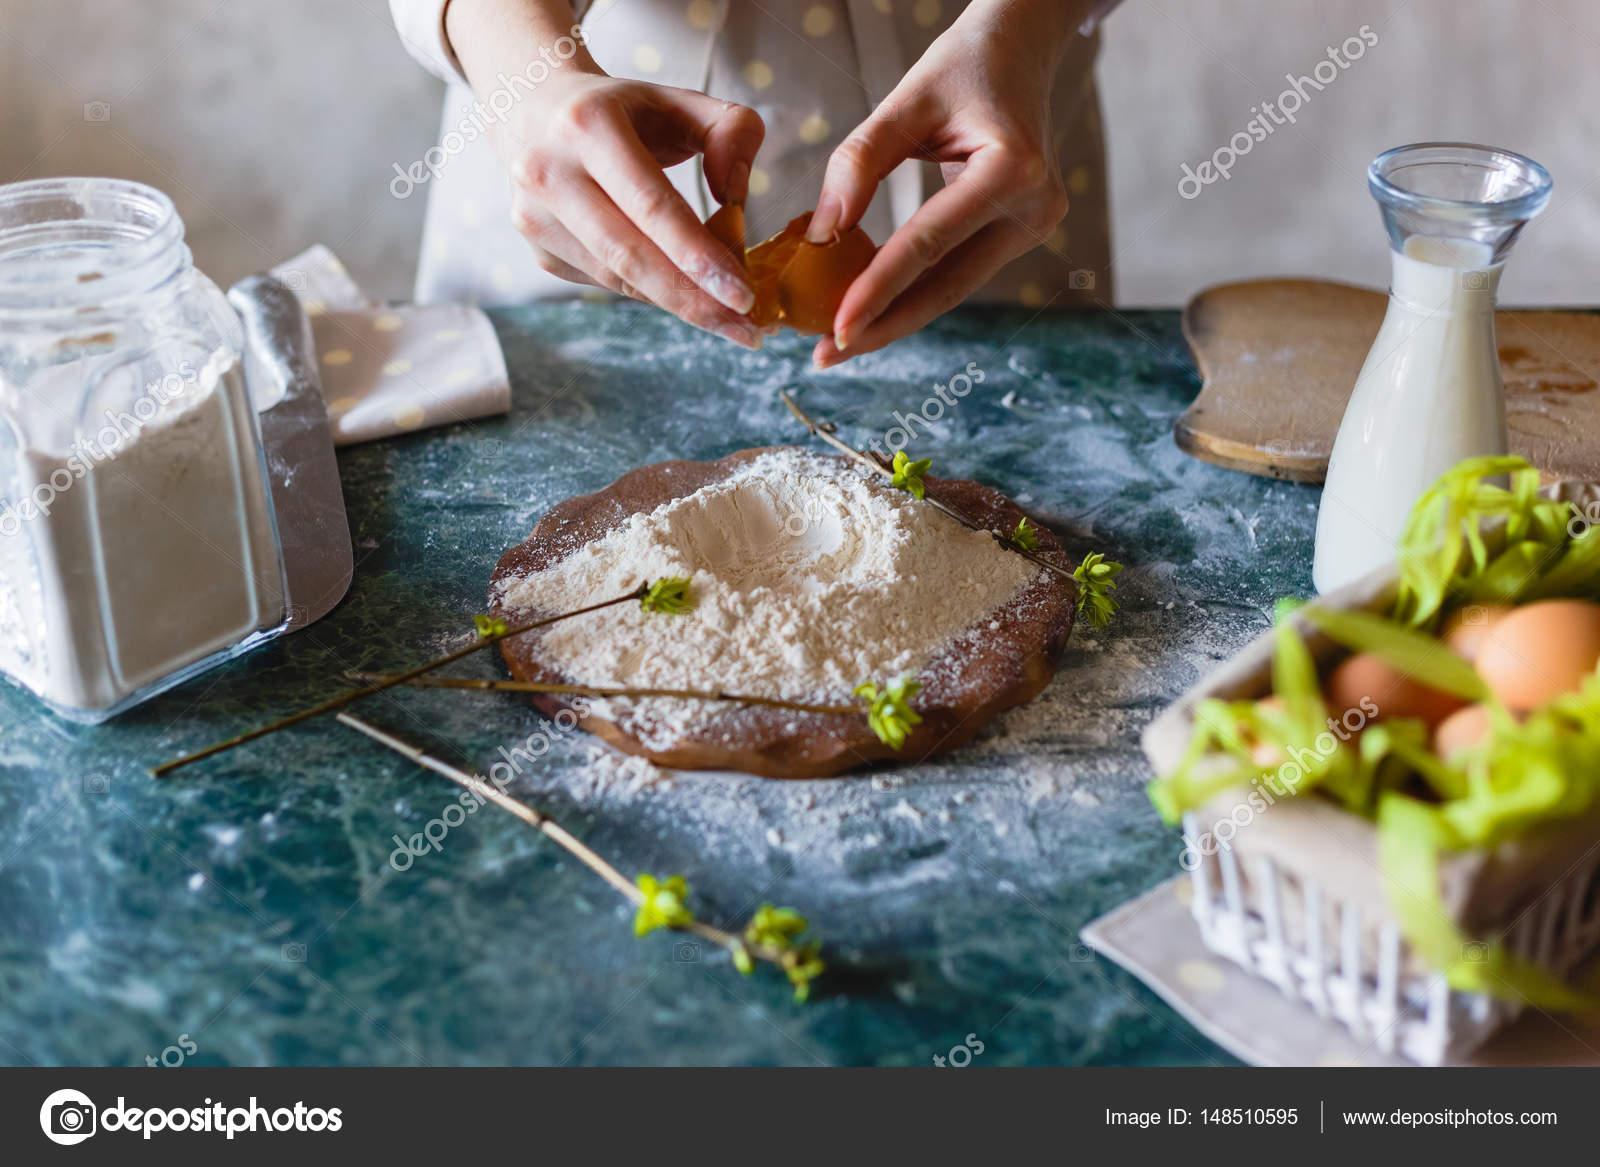 Chiuda Sulla Vista Di Baker Impastare Pane Fatto In Casa Mani Di